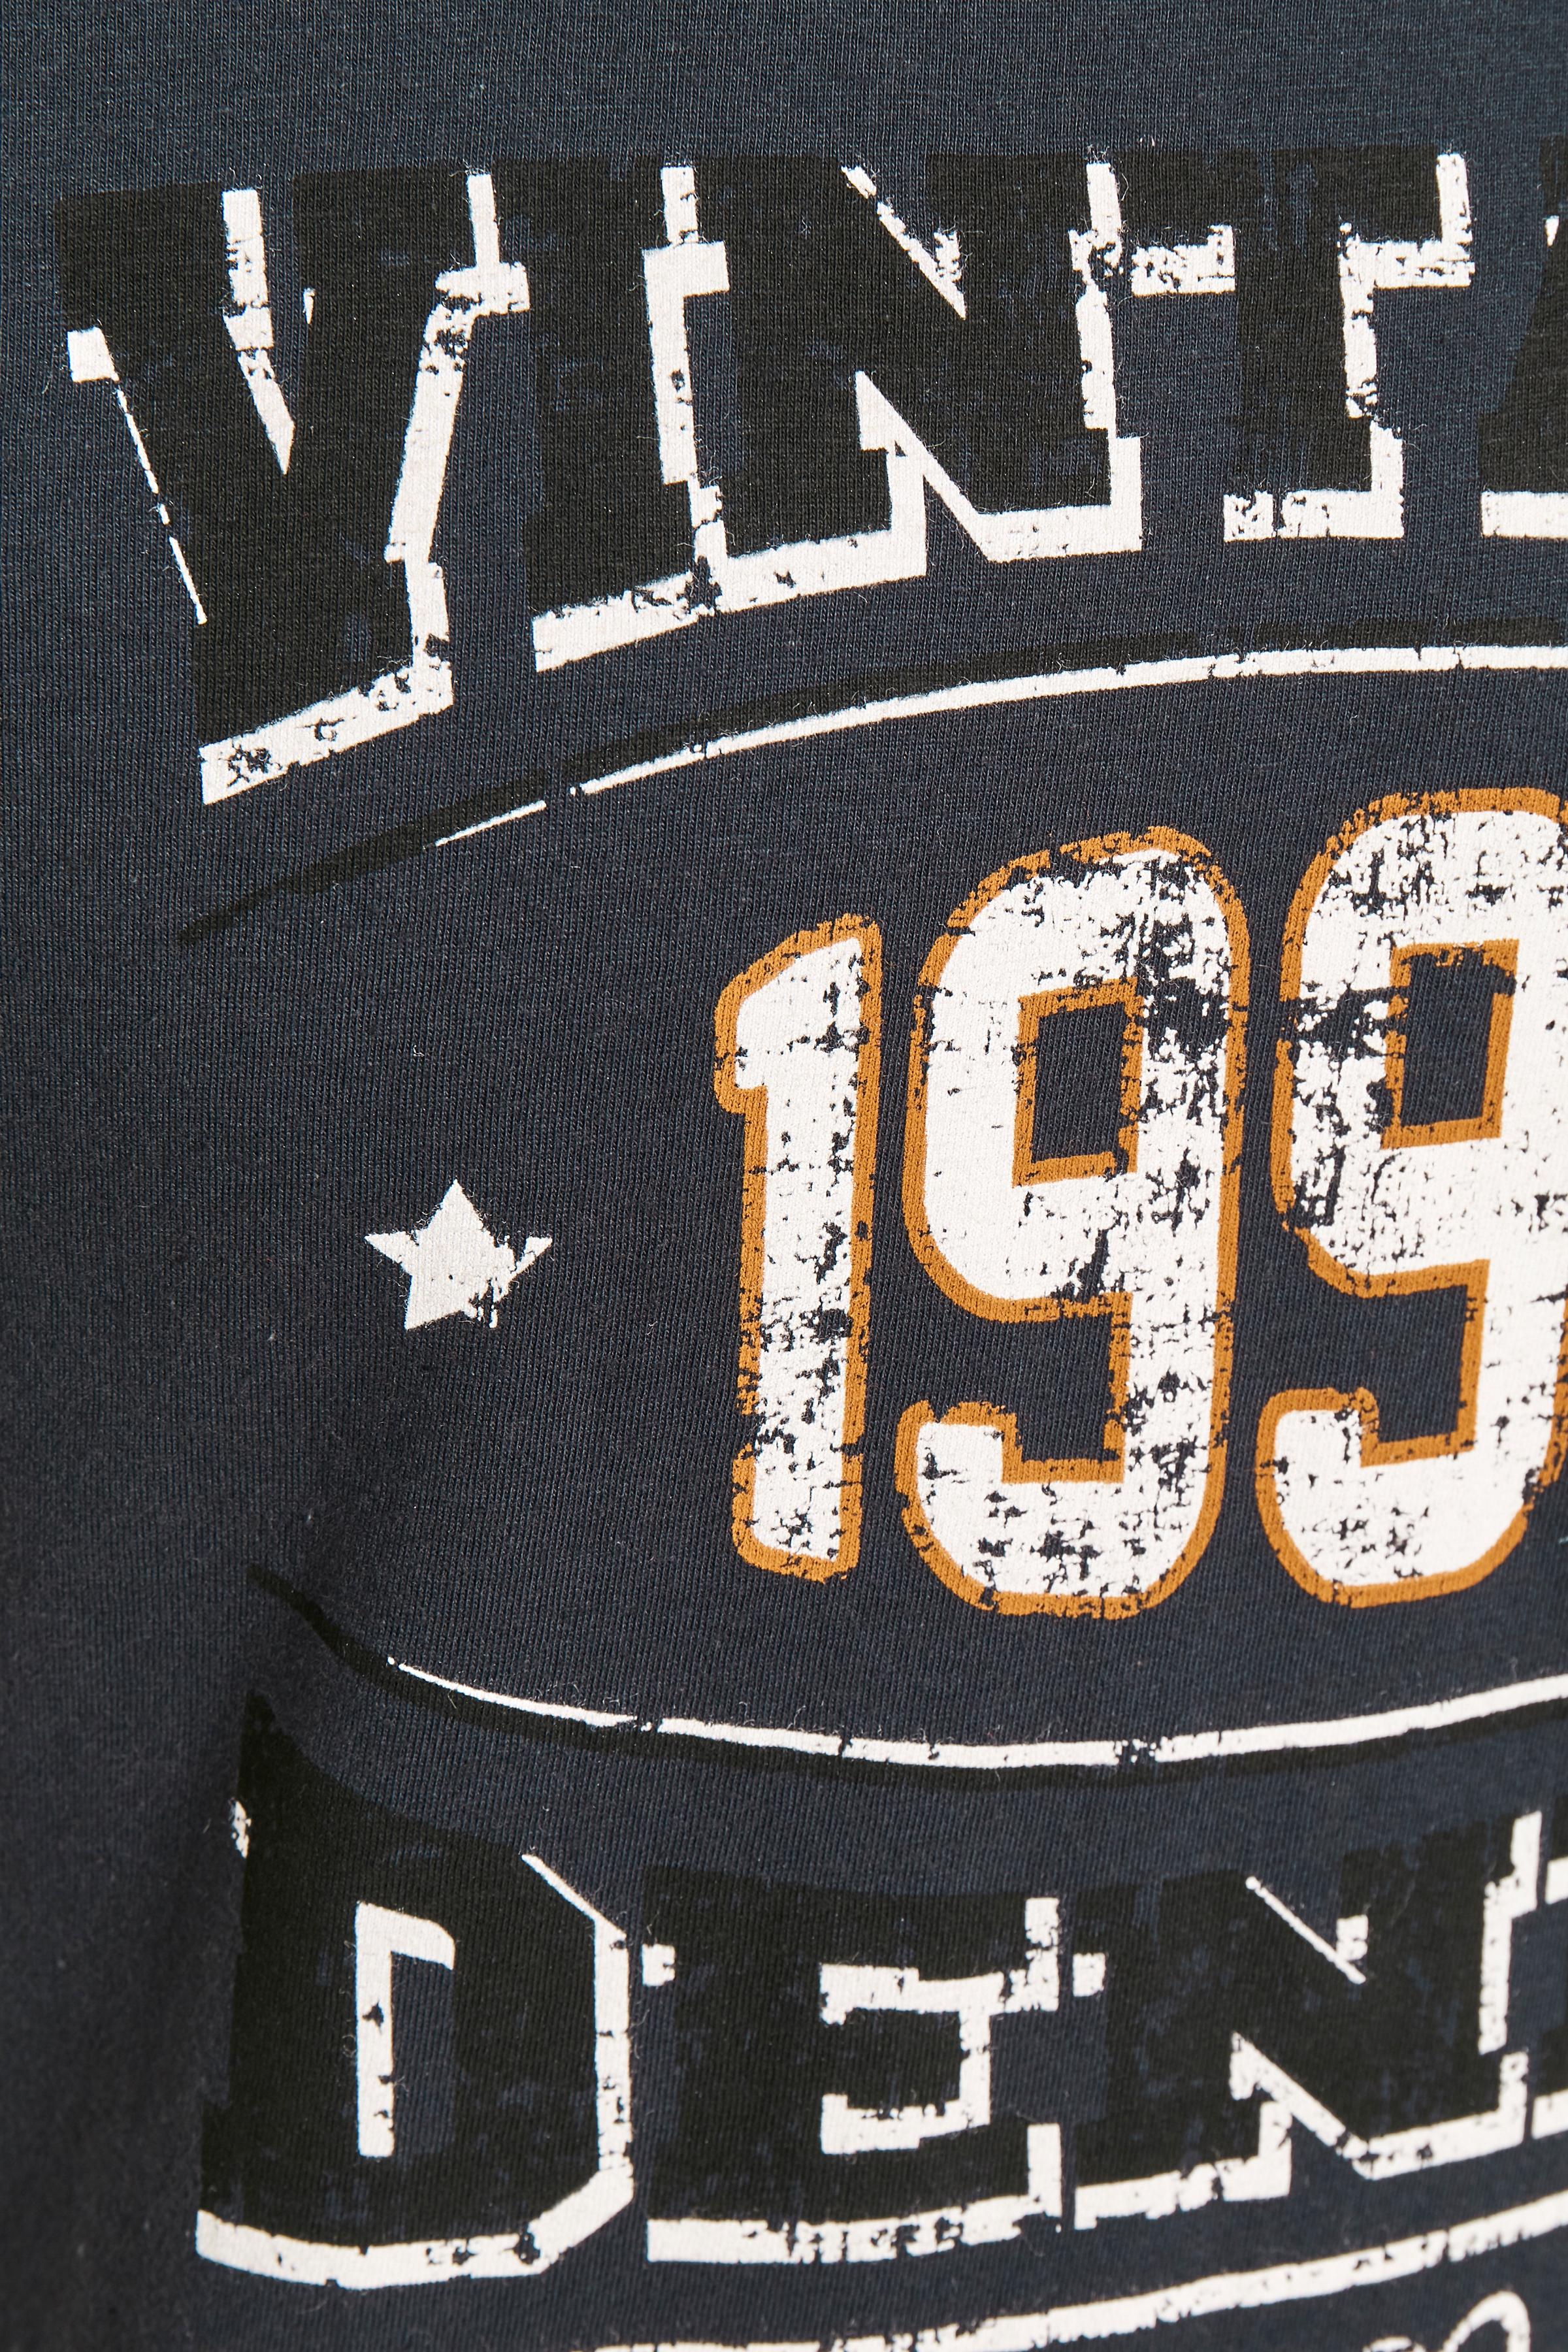 Mørk marineblå Kortærmet T-shirt fra Blend He – Køb Mørk marineblå Kortærmet T-shirt fra str. S-3XL her